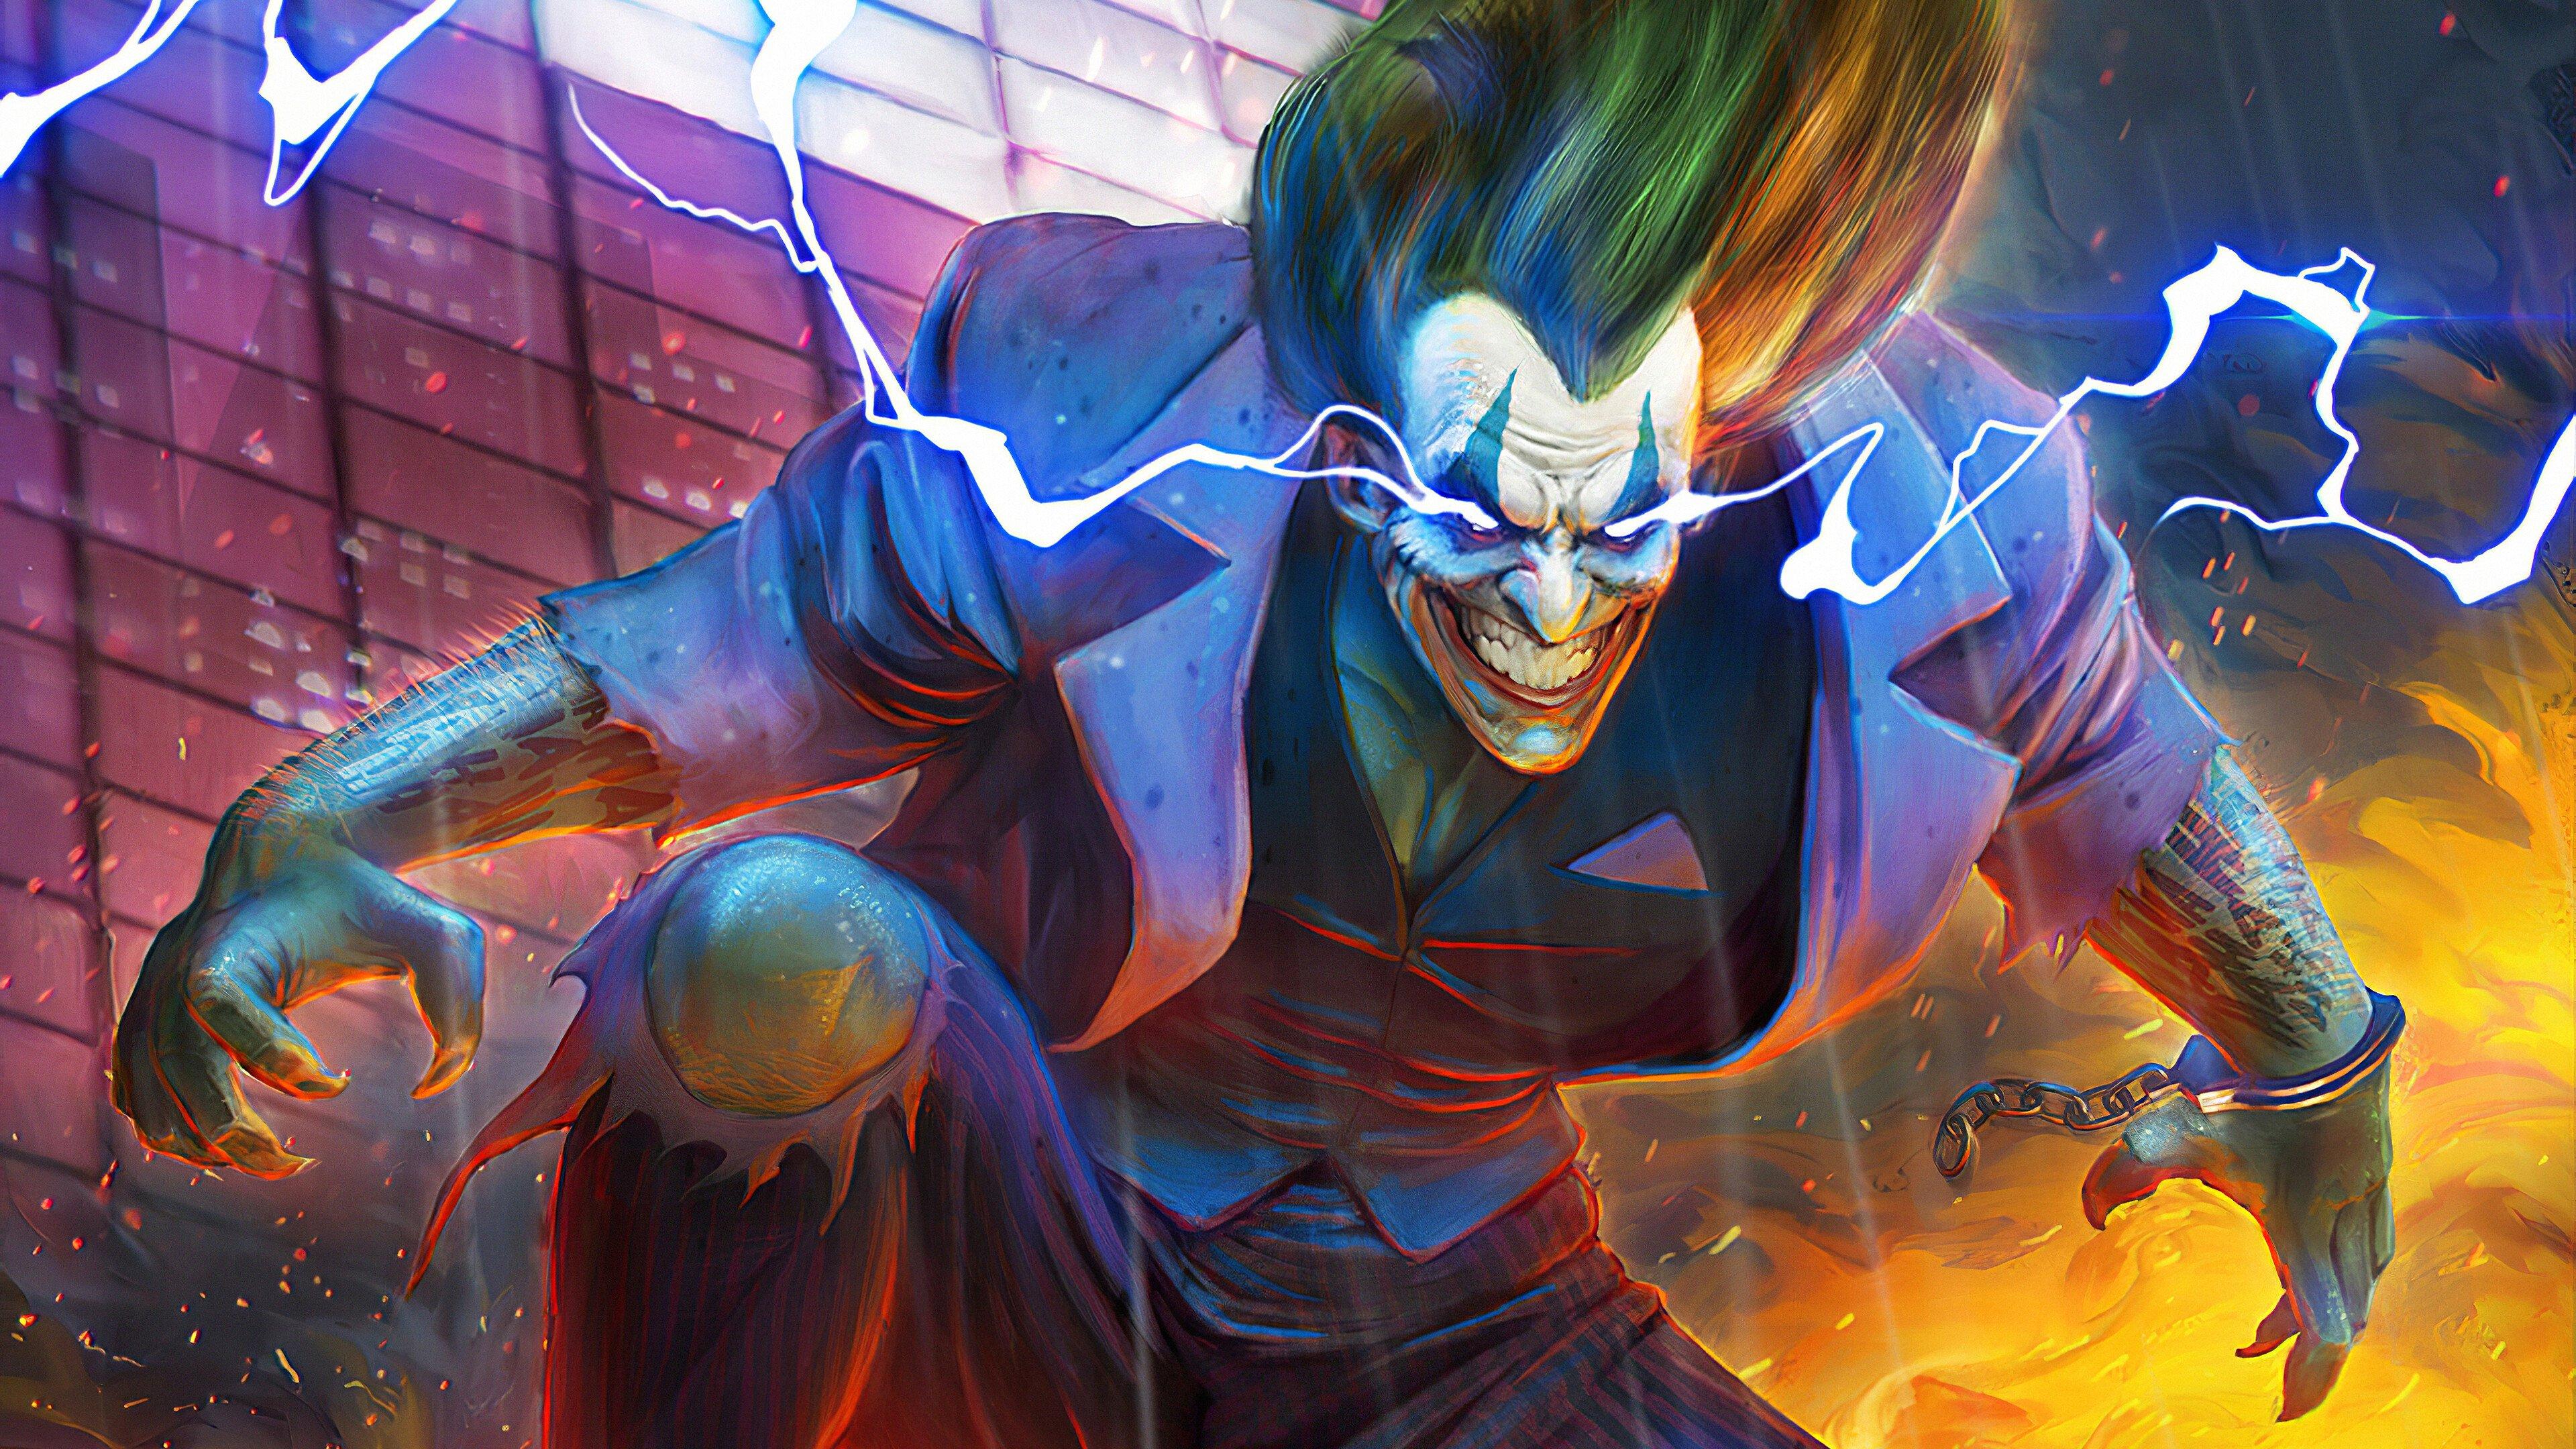 Joker Wallpaper 4k Ultra HD ID:4387